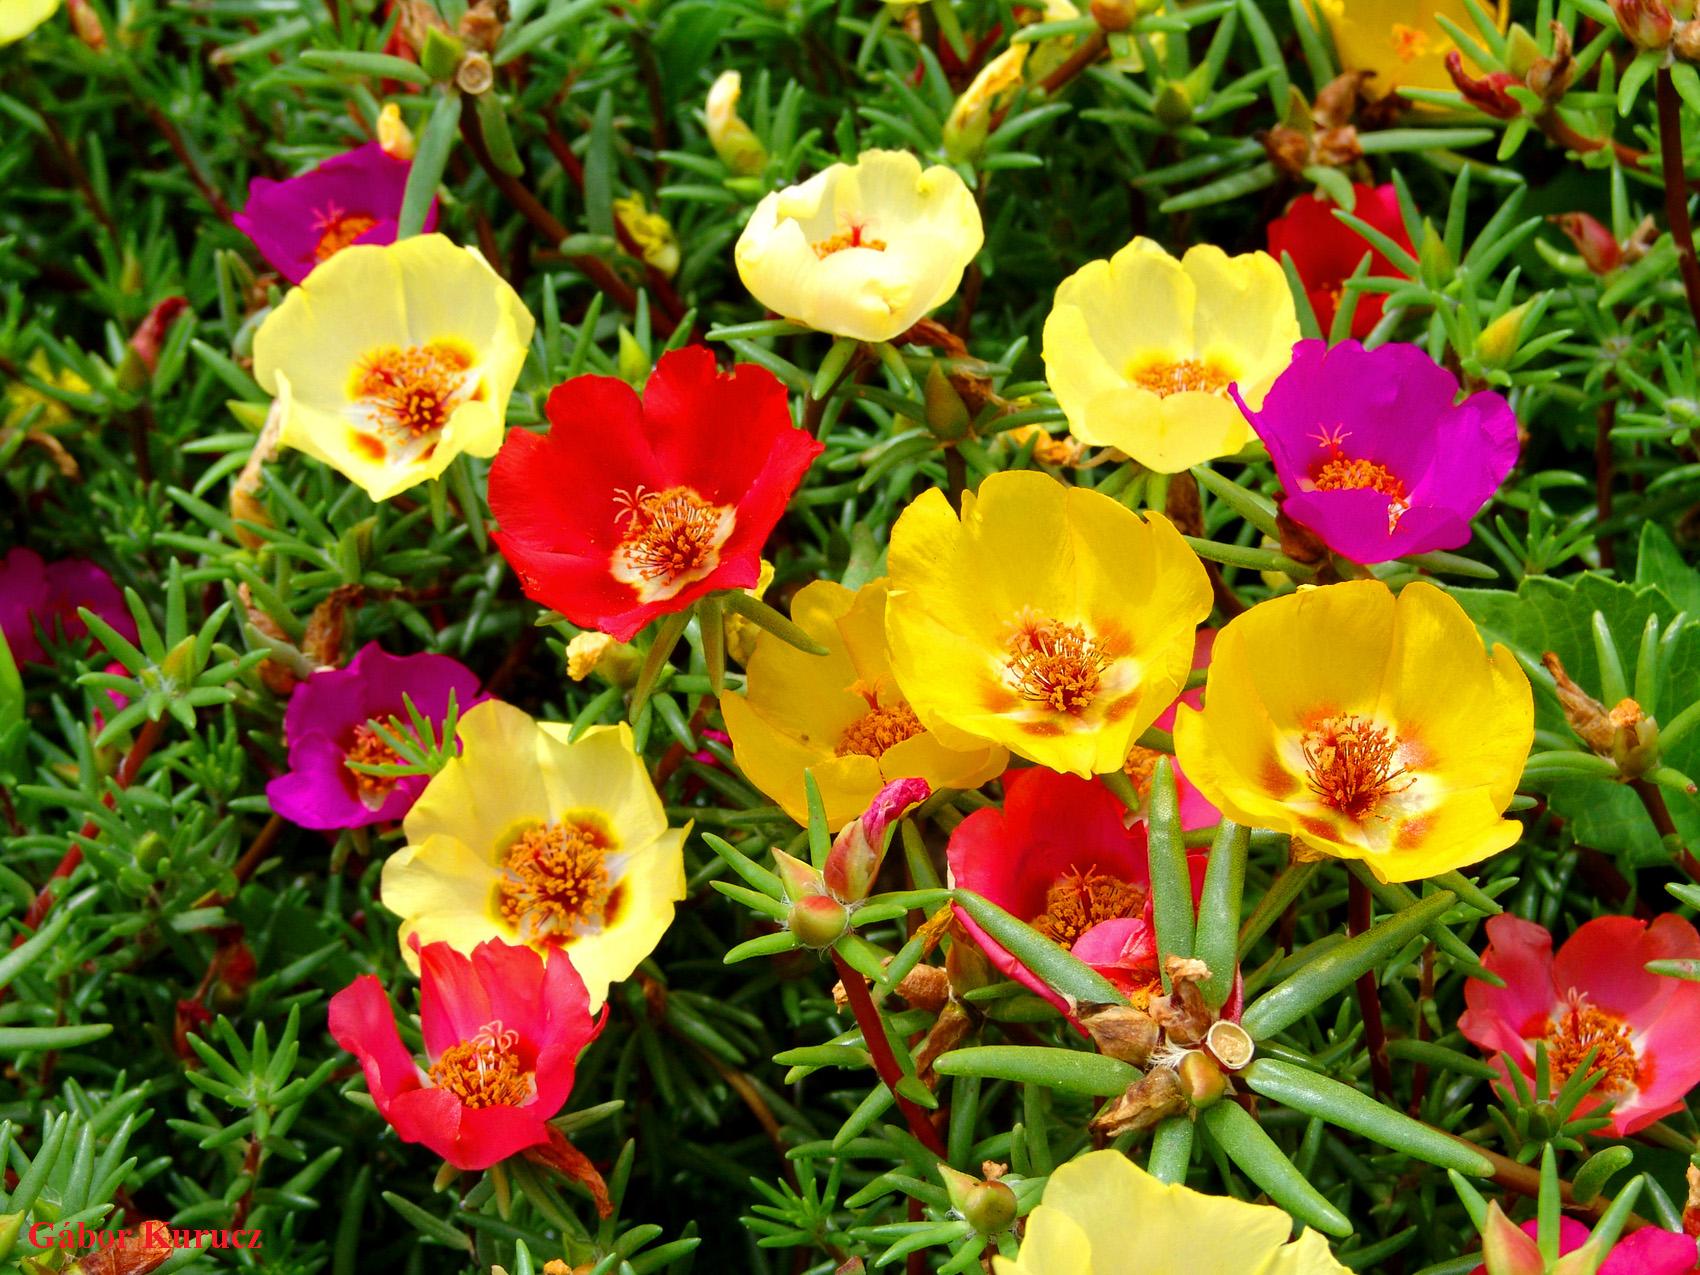 http://nargil.ir/plant/images/pic/284/portulaca%20grandiflora%209.jpg